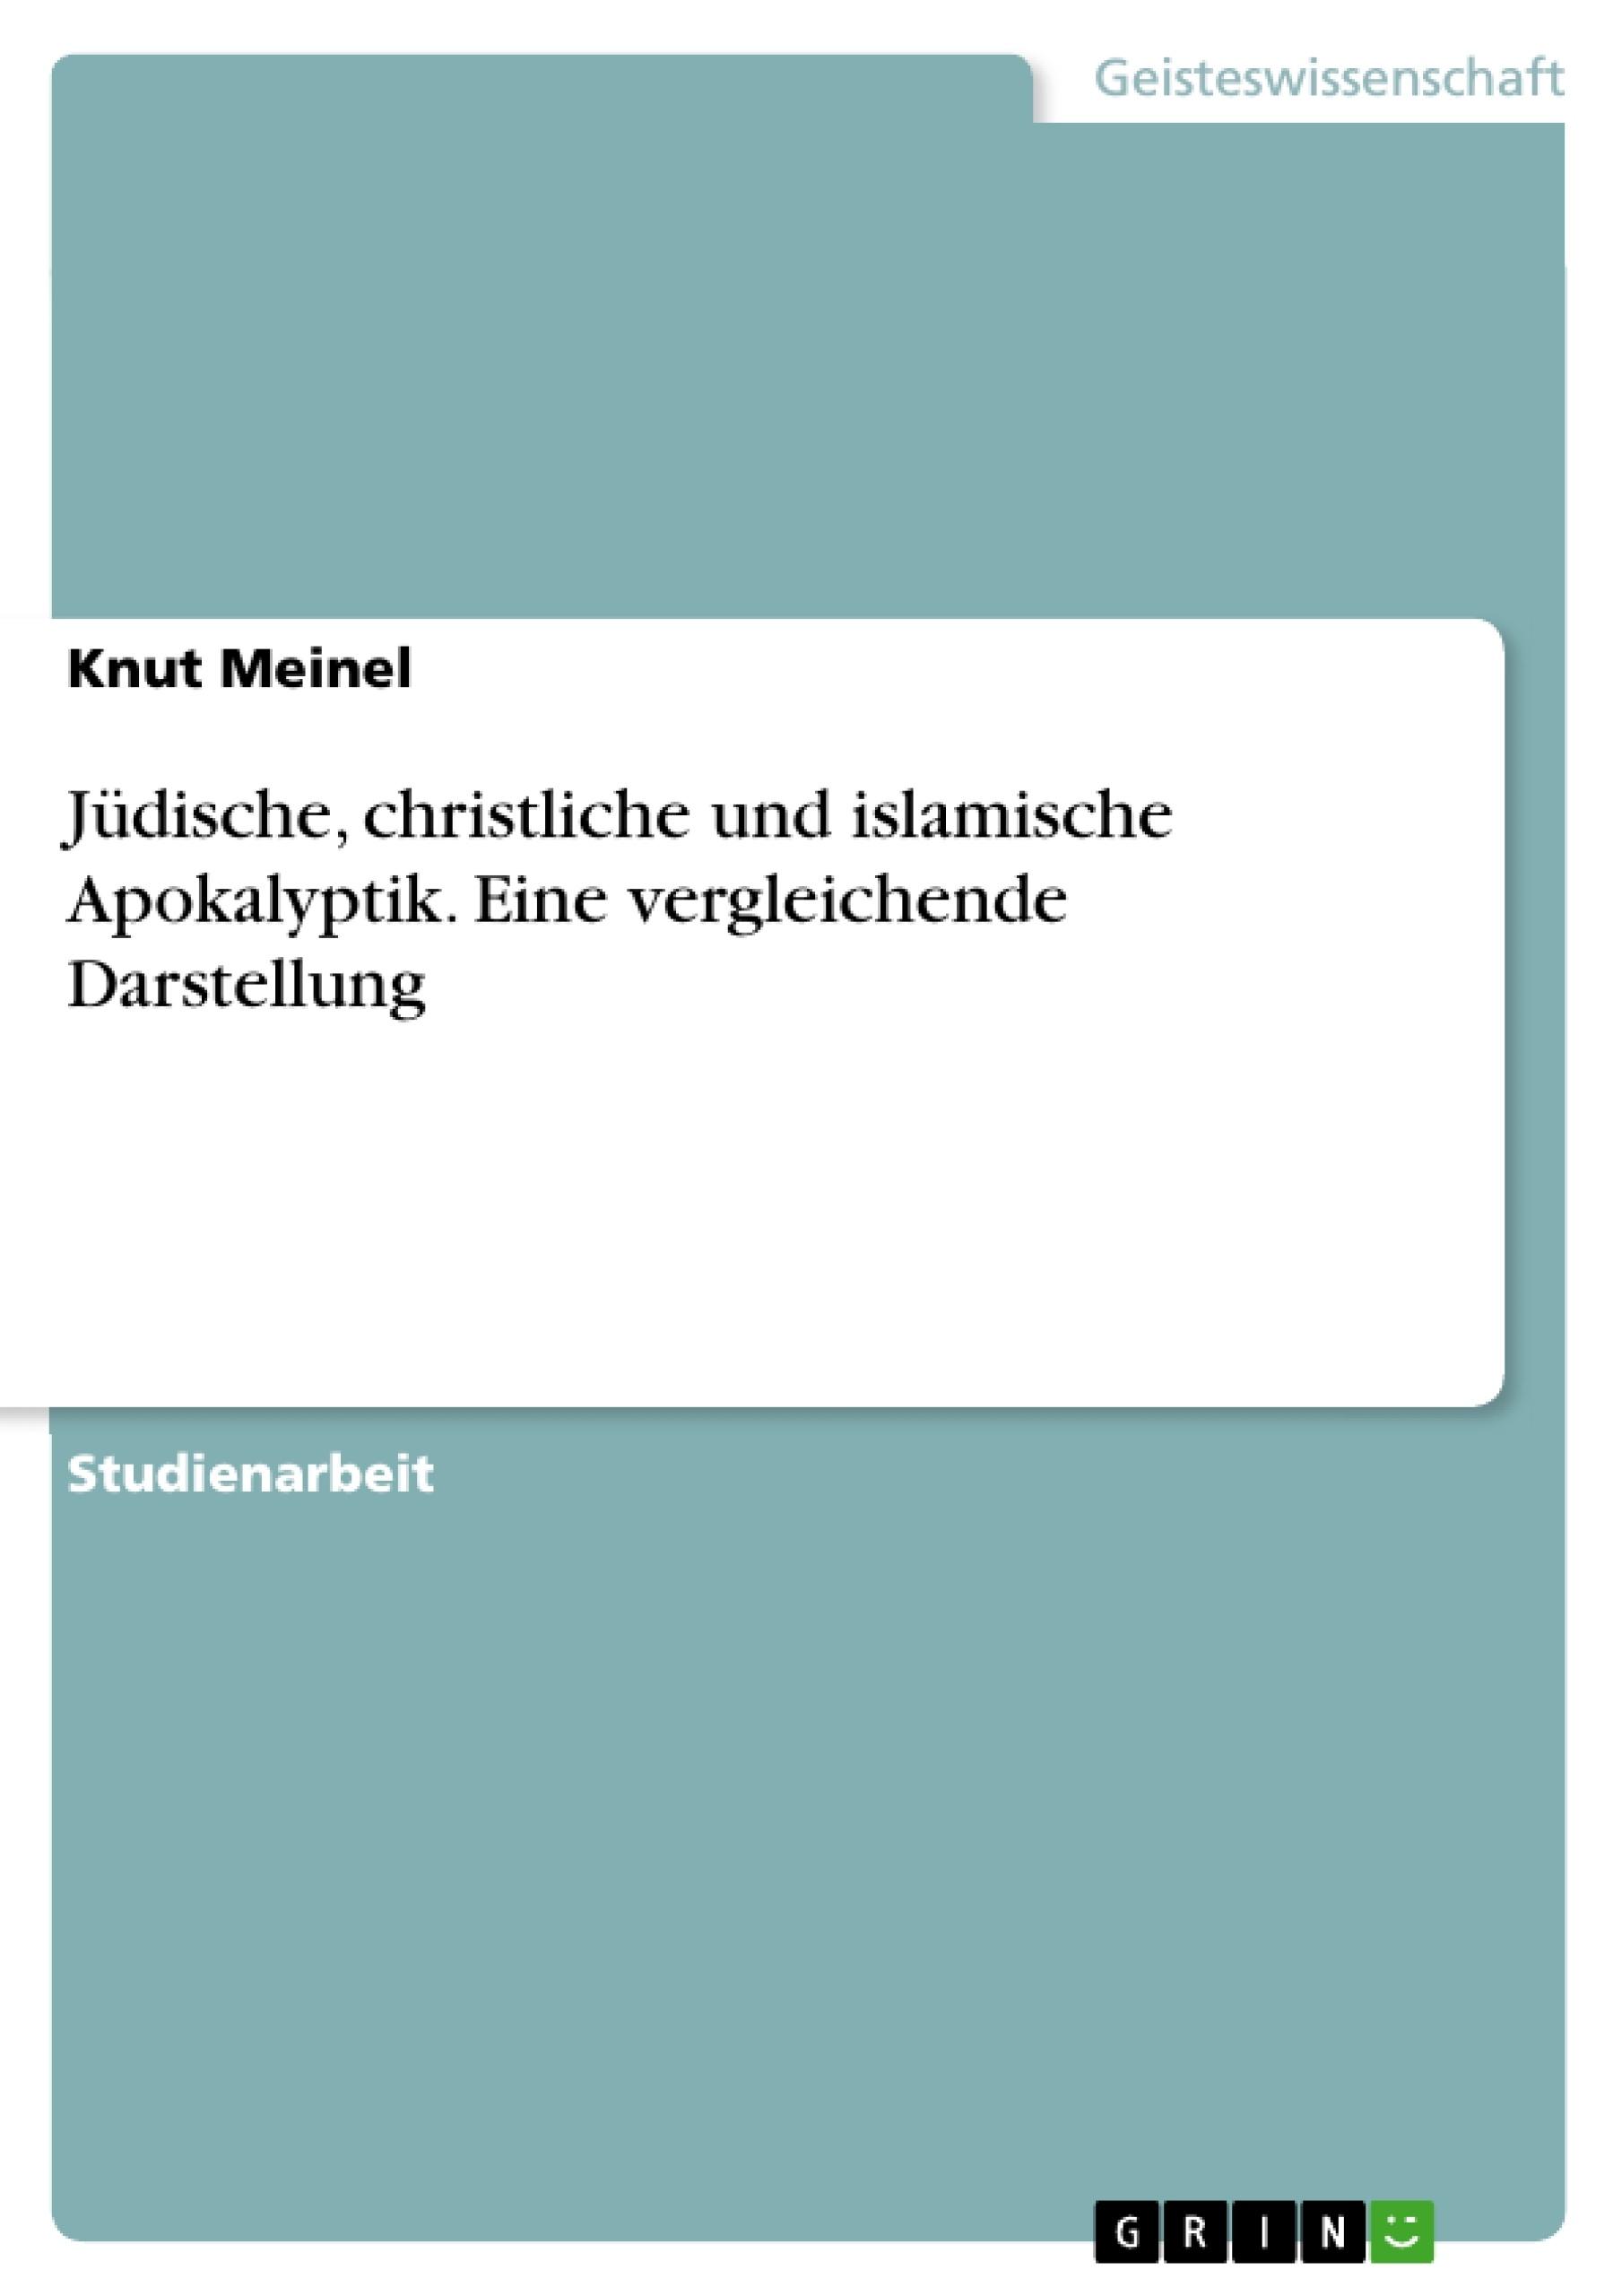 Titel: Jüdische, christliche und islamische Apokalyptik. Eine vergleichende Darstellung